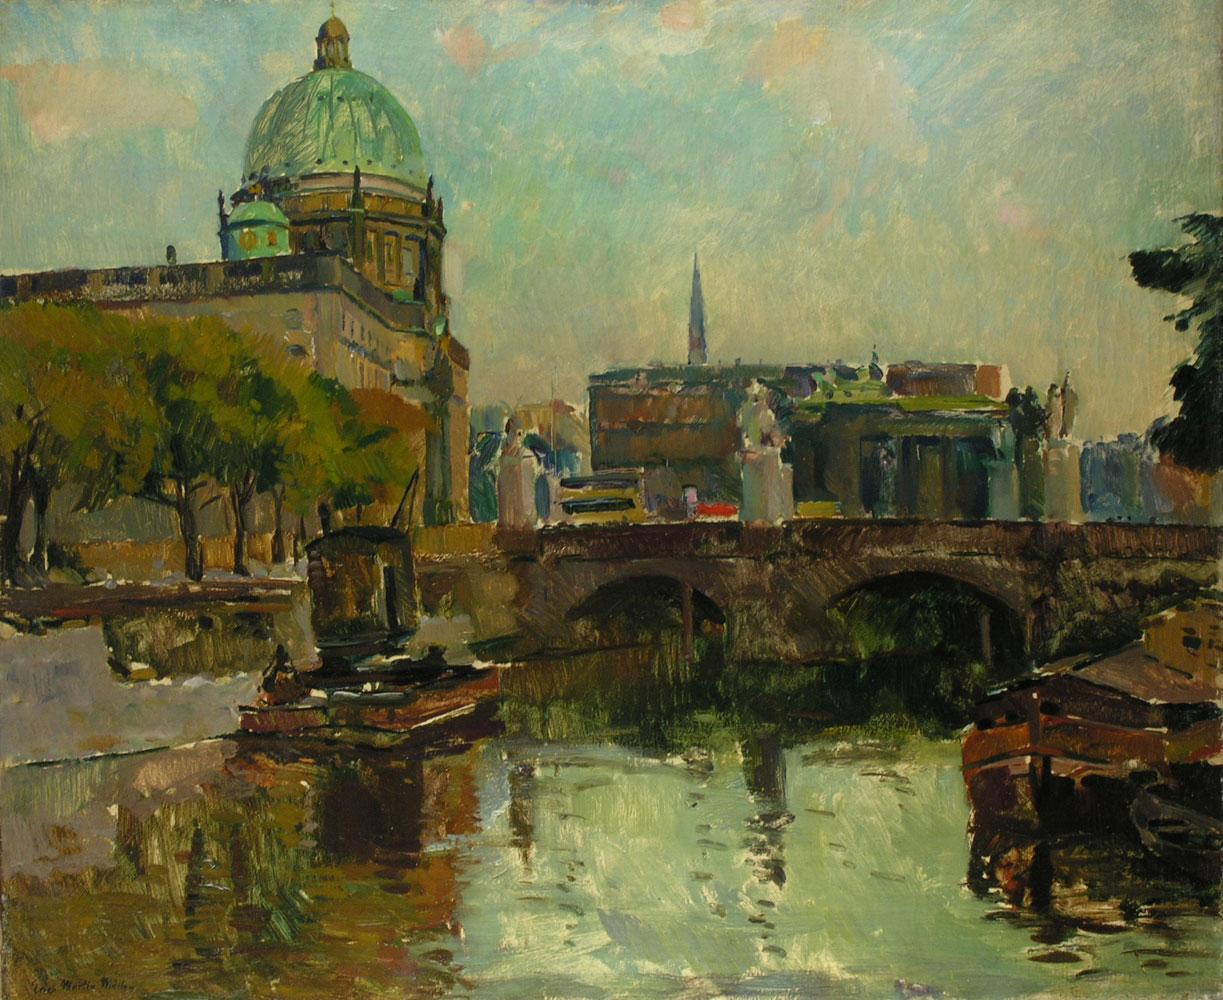 Erich Martin Müller 1888 - 1972